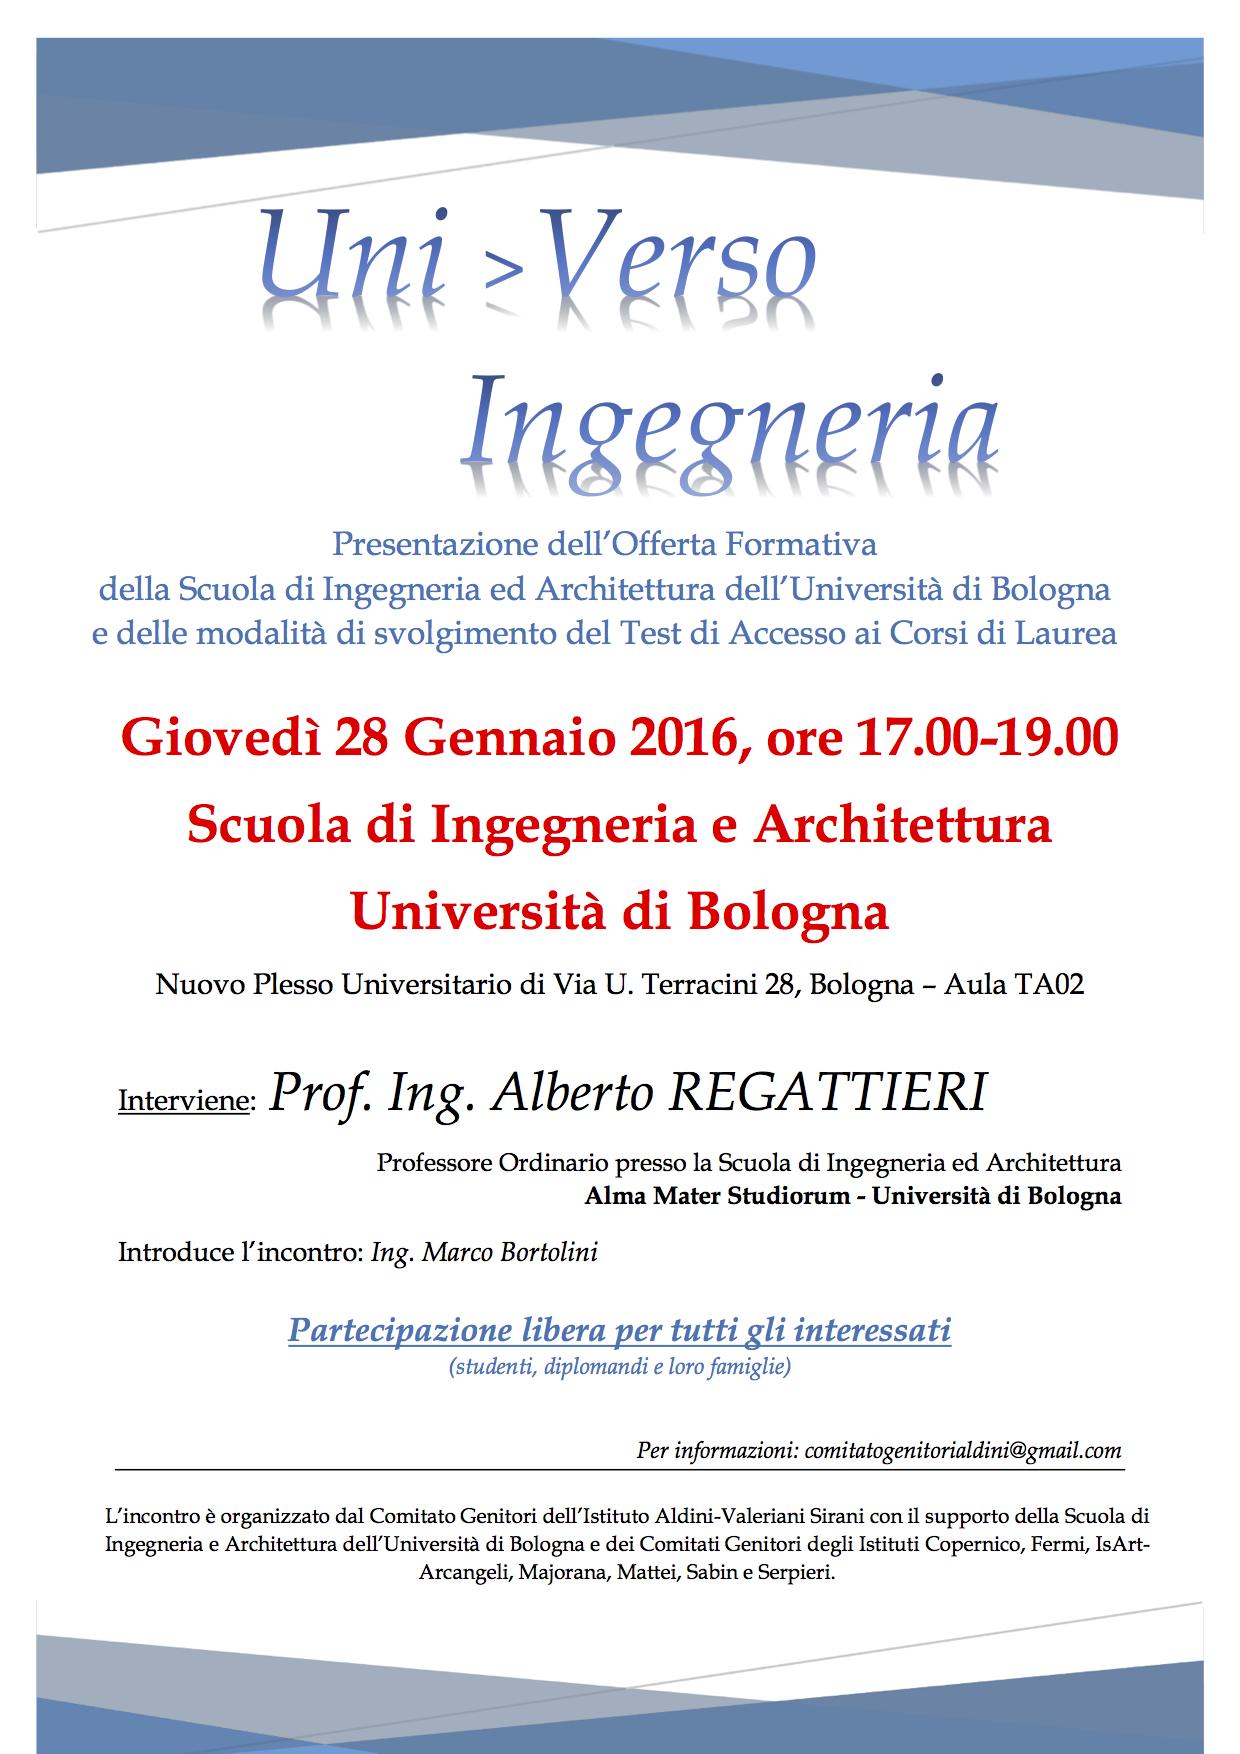 Uni>Verso: Ingegneria – Presentazione dell'Offerta Formativa